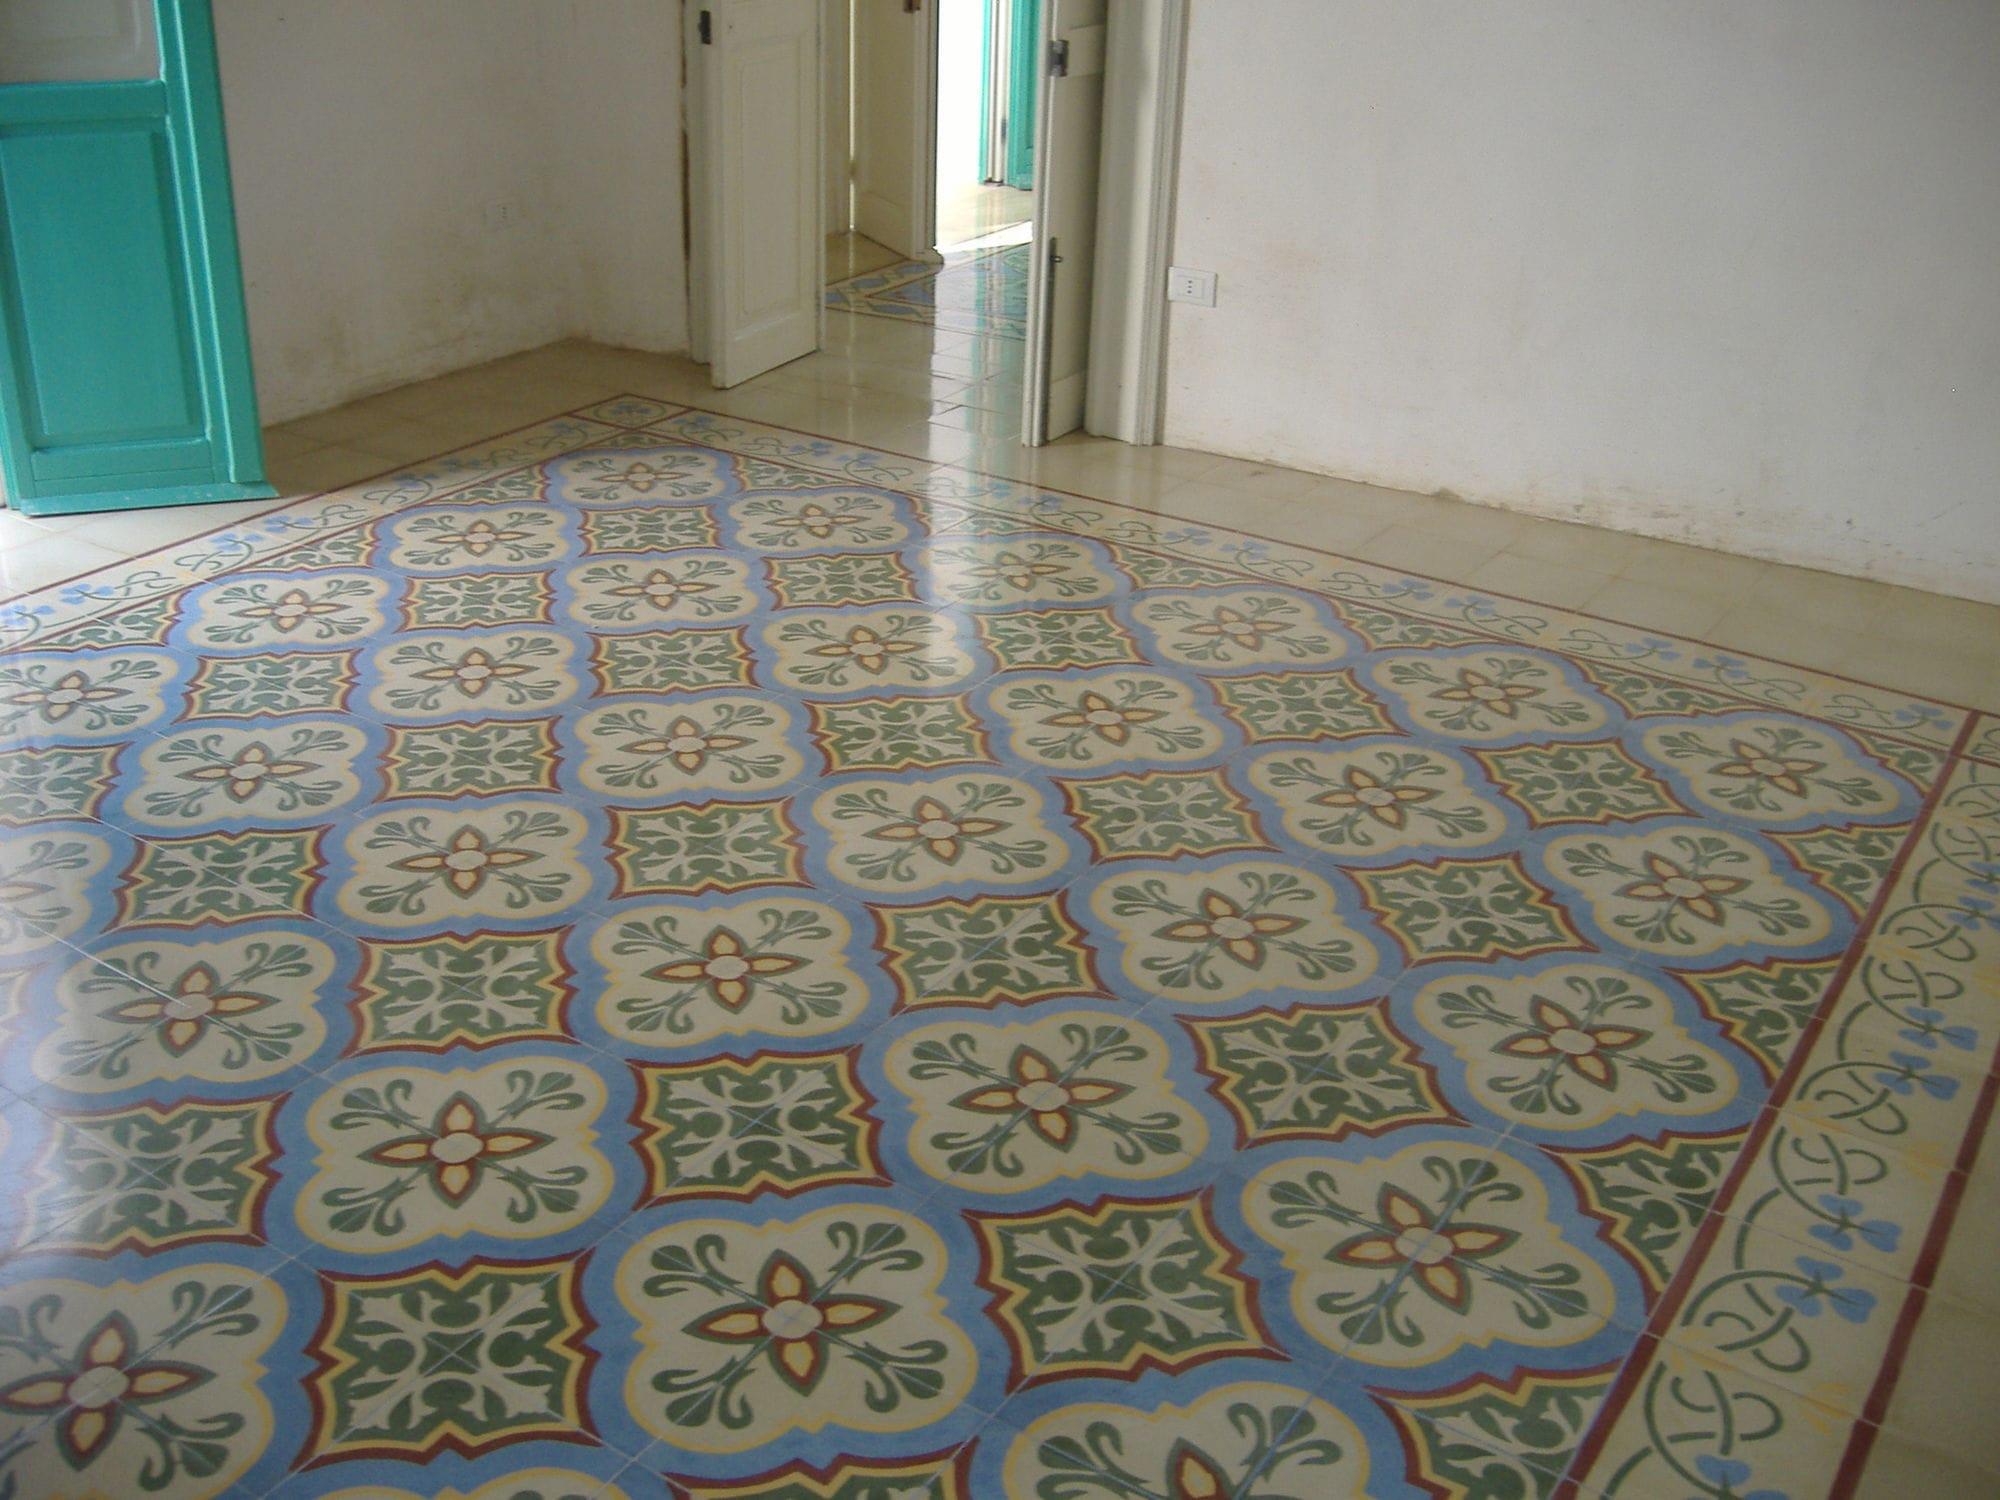 Piastrella in cemento encausto da interno da pavimento in